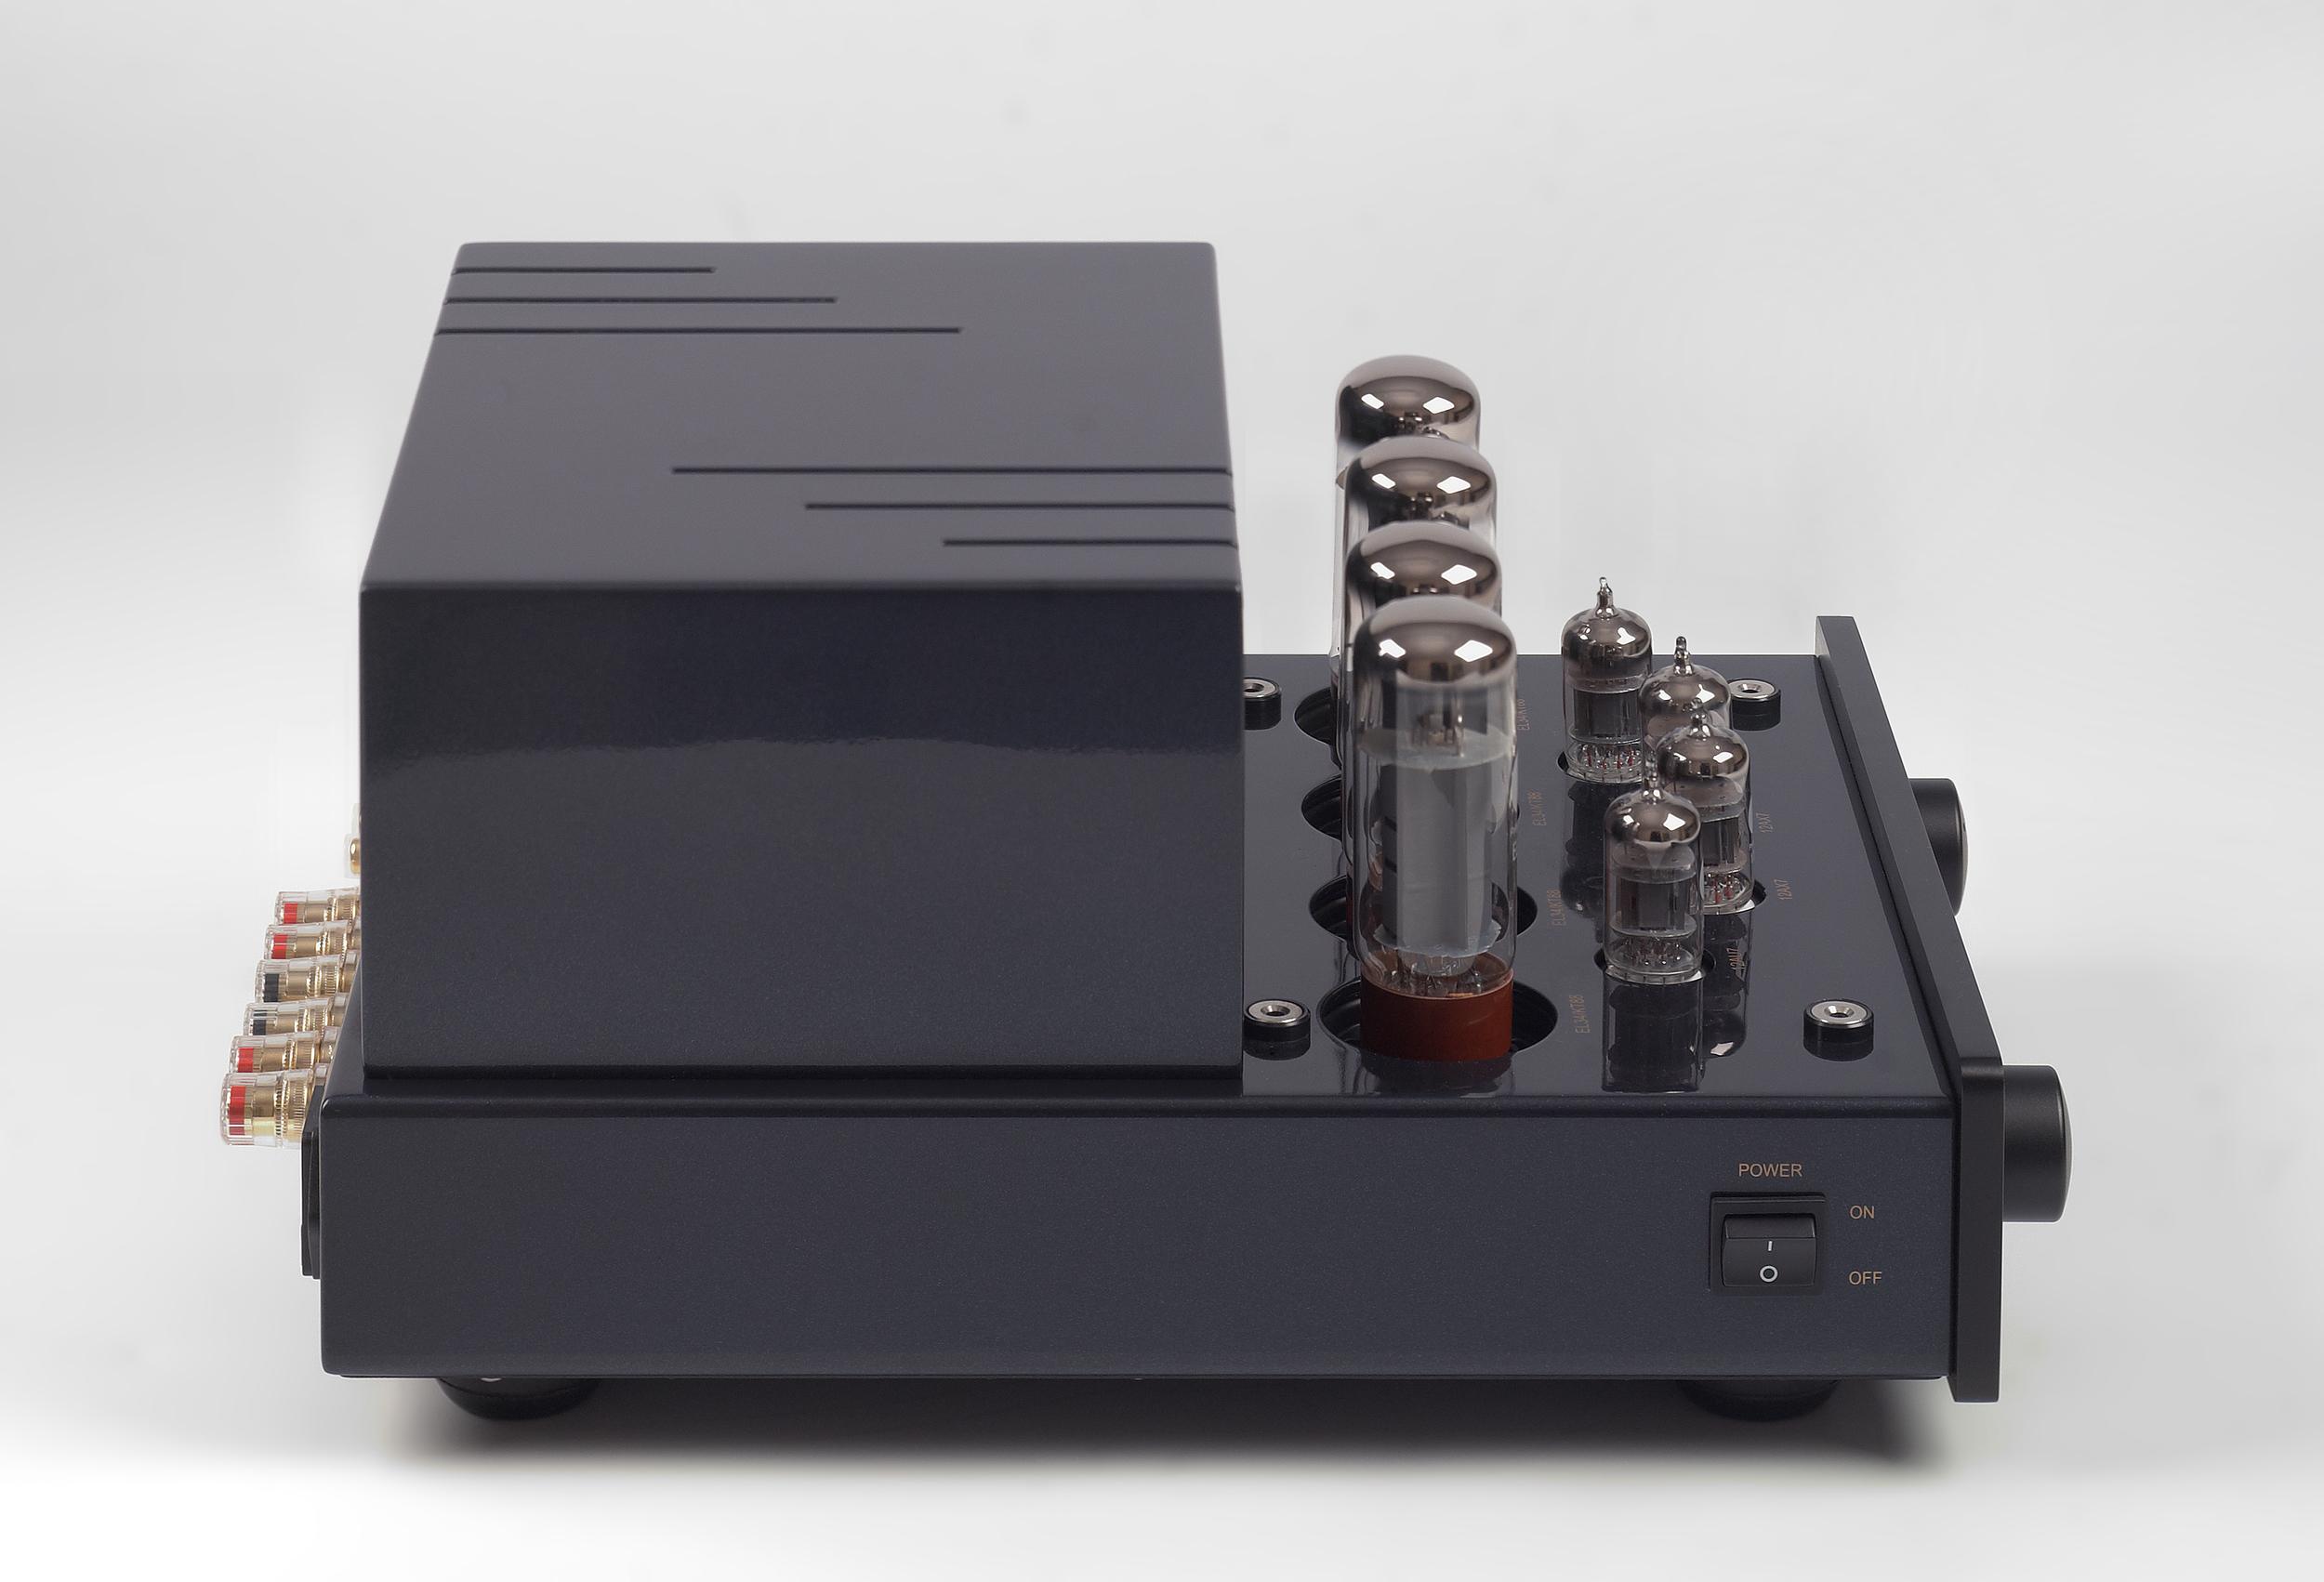 013-PrimaLuna Classic Integrated Amplifier-zwart.jpg